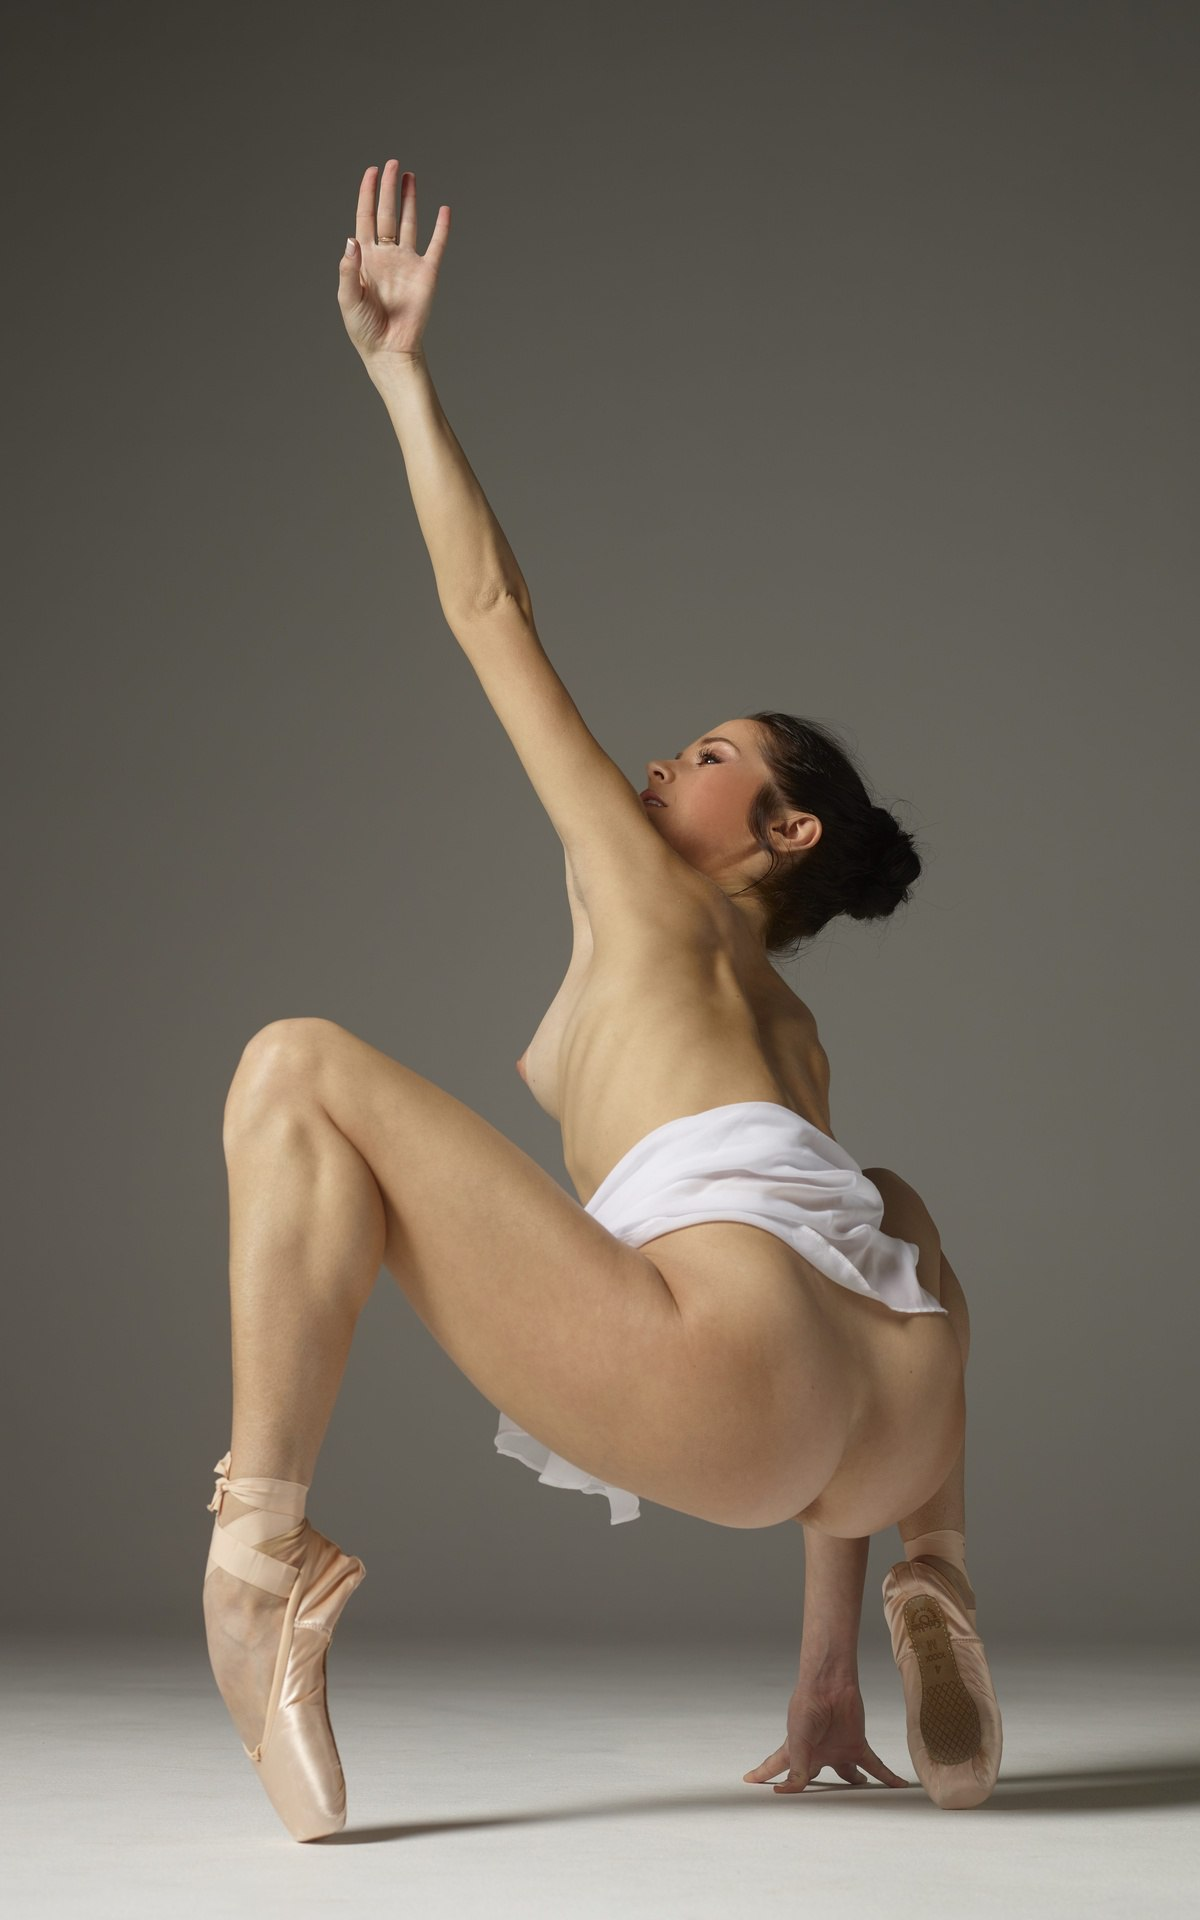 всем, мне просмотр голый балет в онлайне подонков как